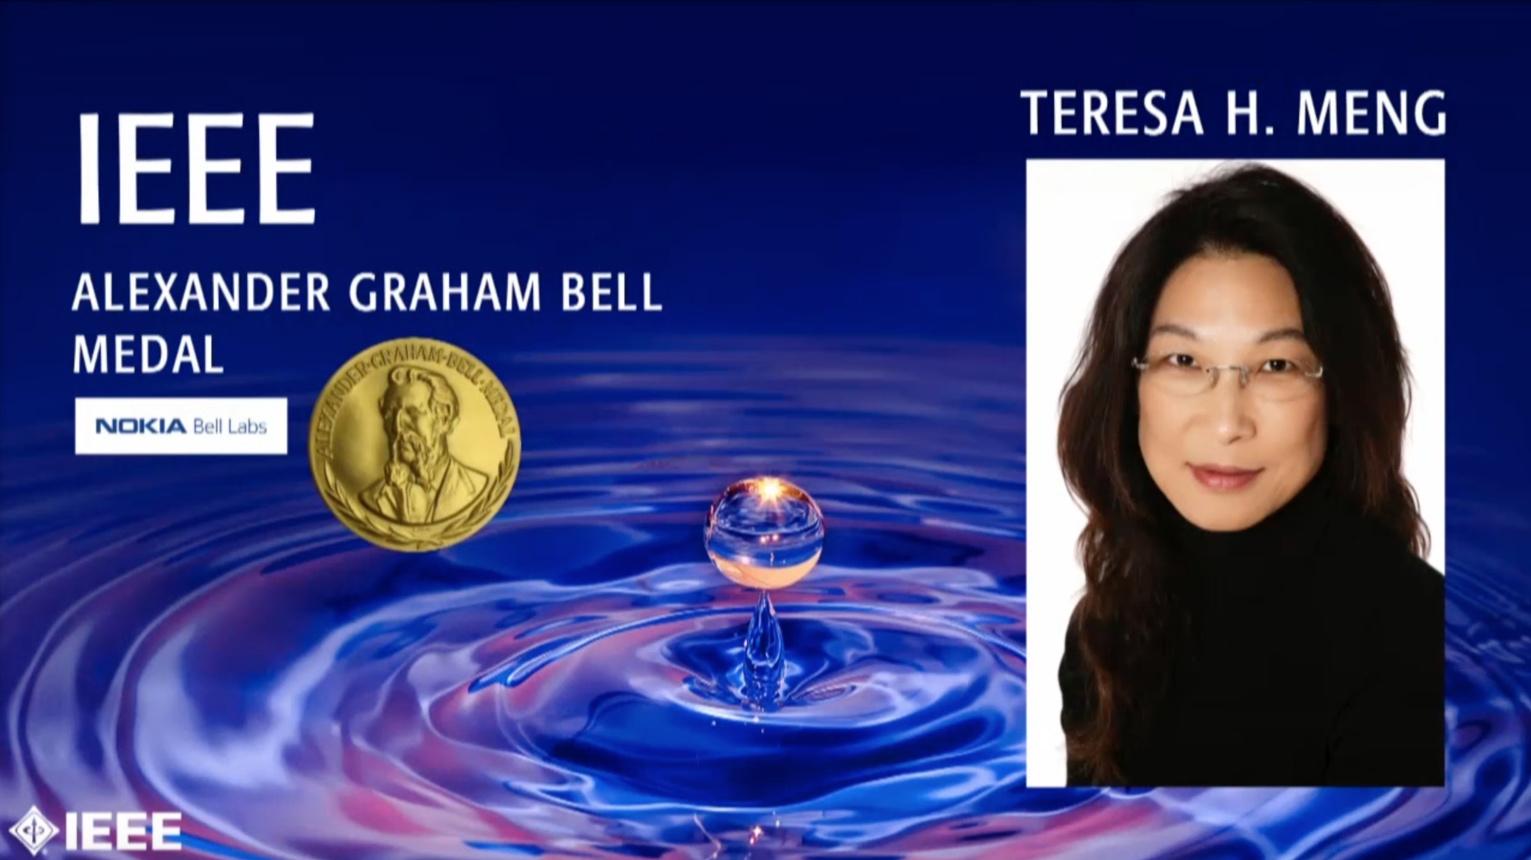 Teresa H. Meng - IEEE Alexander Graham Bell Medal, 2019 IEEE Honors Ceremony